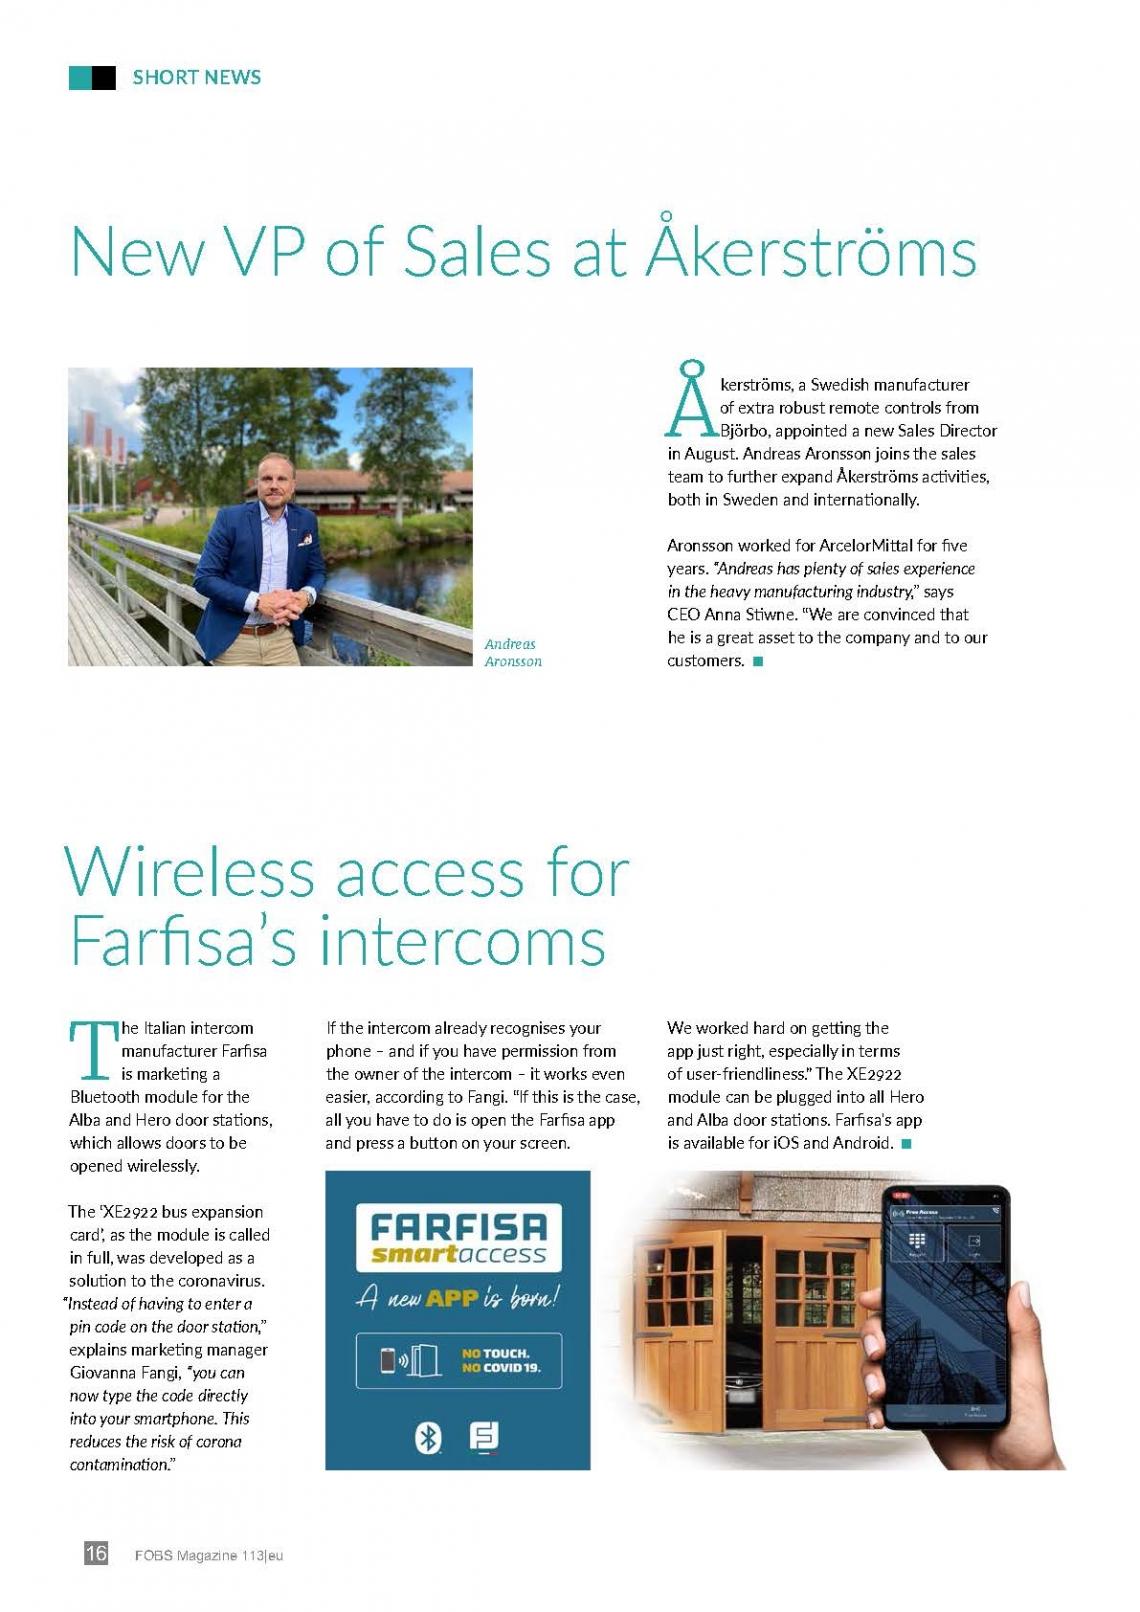 Wireless access for Farfisa intercoms